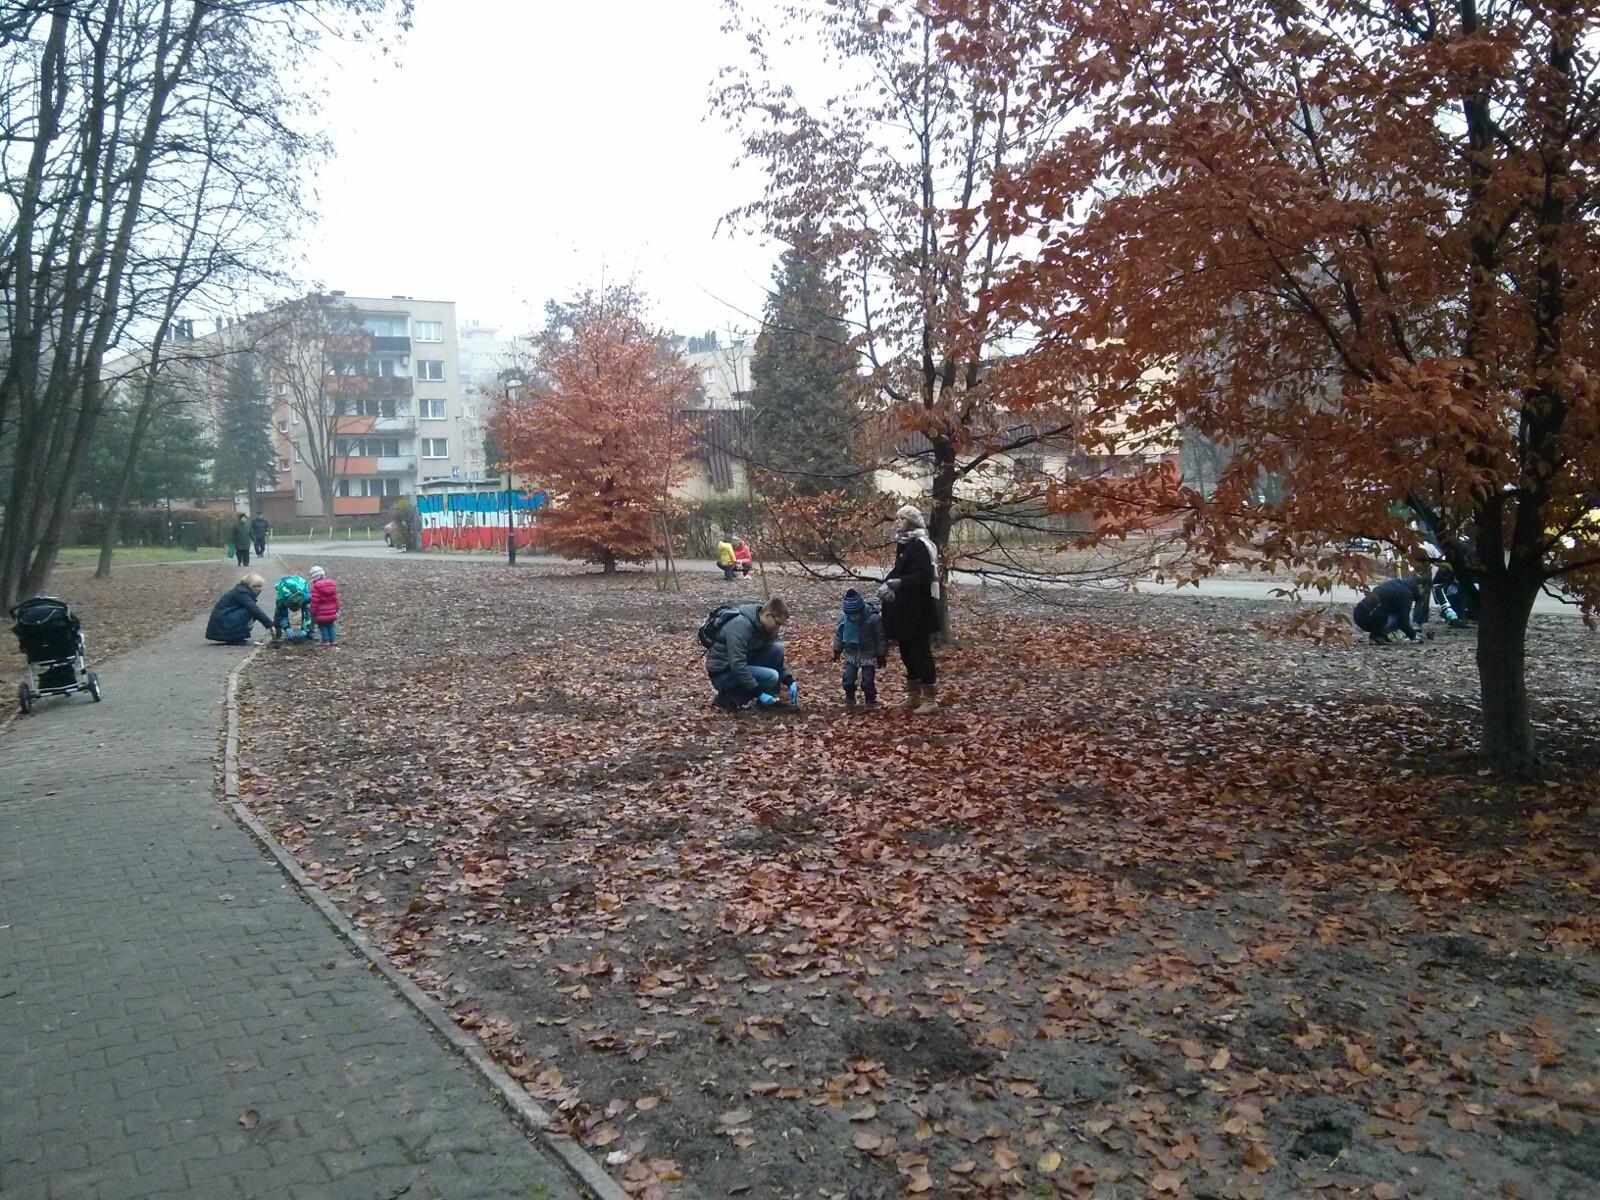 Mieszkańcy Czyżyn sadzą kwiaty w Parku Skalskiego w Krakowie Czyżynach